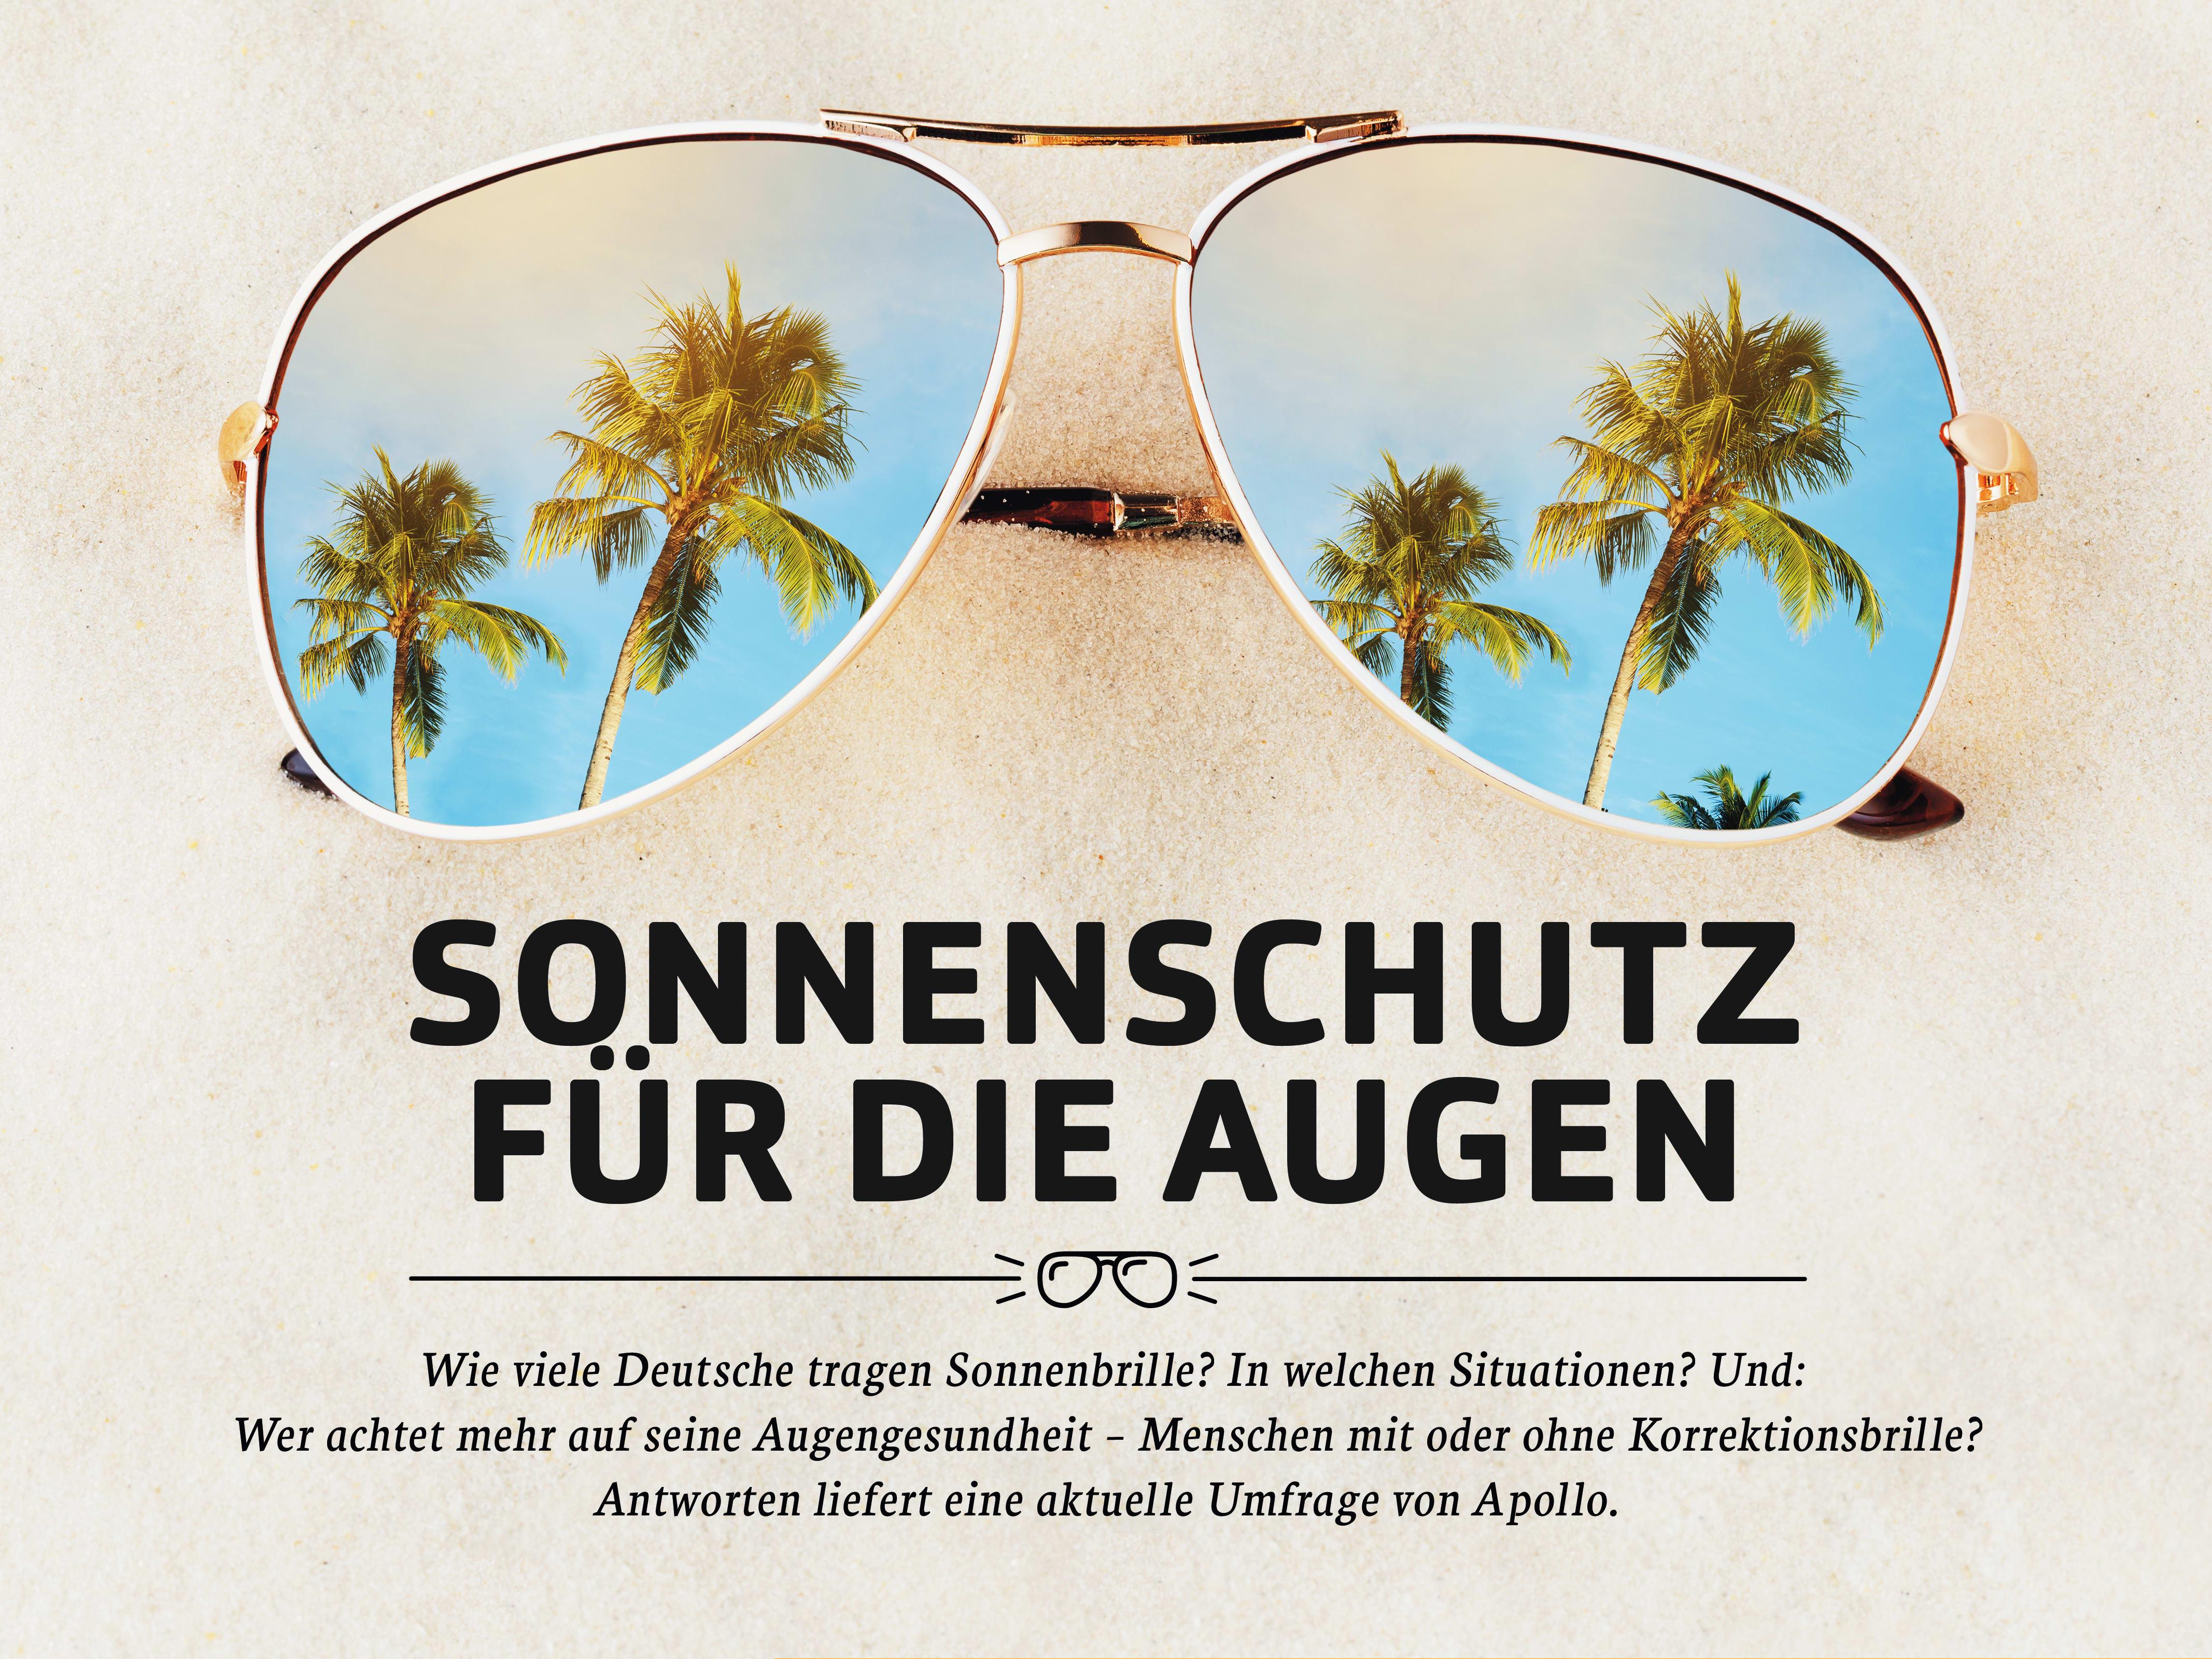 Apollo-Studie: Sonnenschutz für die Augen